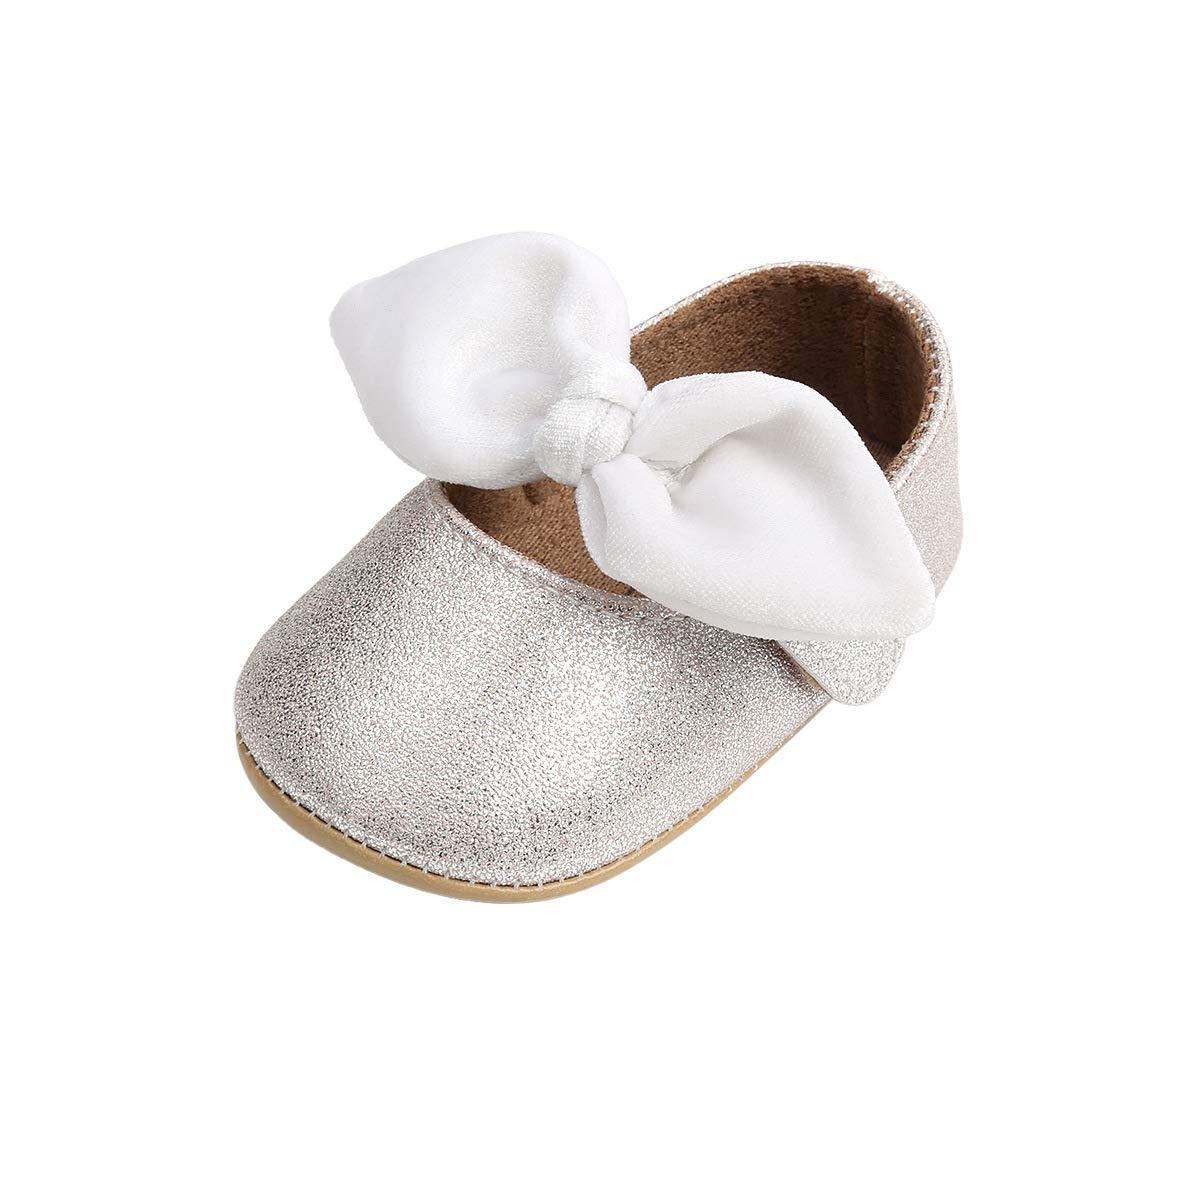 2423ed417945b DOTBUY Chaussures Enfants Filles Bébés, Nouveau Né Bowknot Toddler  Antidérapant Premières Pas Chaussures Marcheurs  Amazon.fr  Vêtements et  accessoires